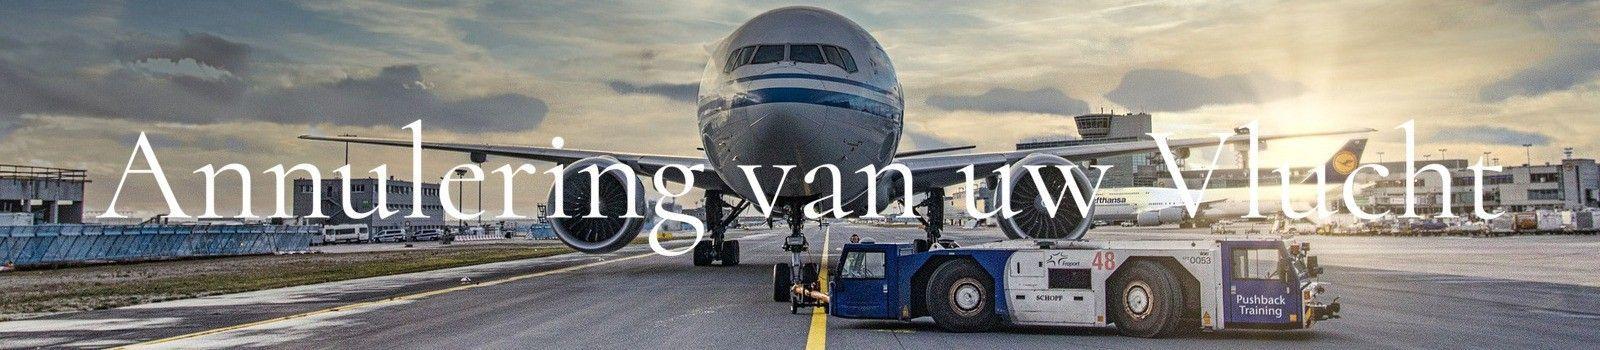 Vluchtannulering